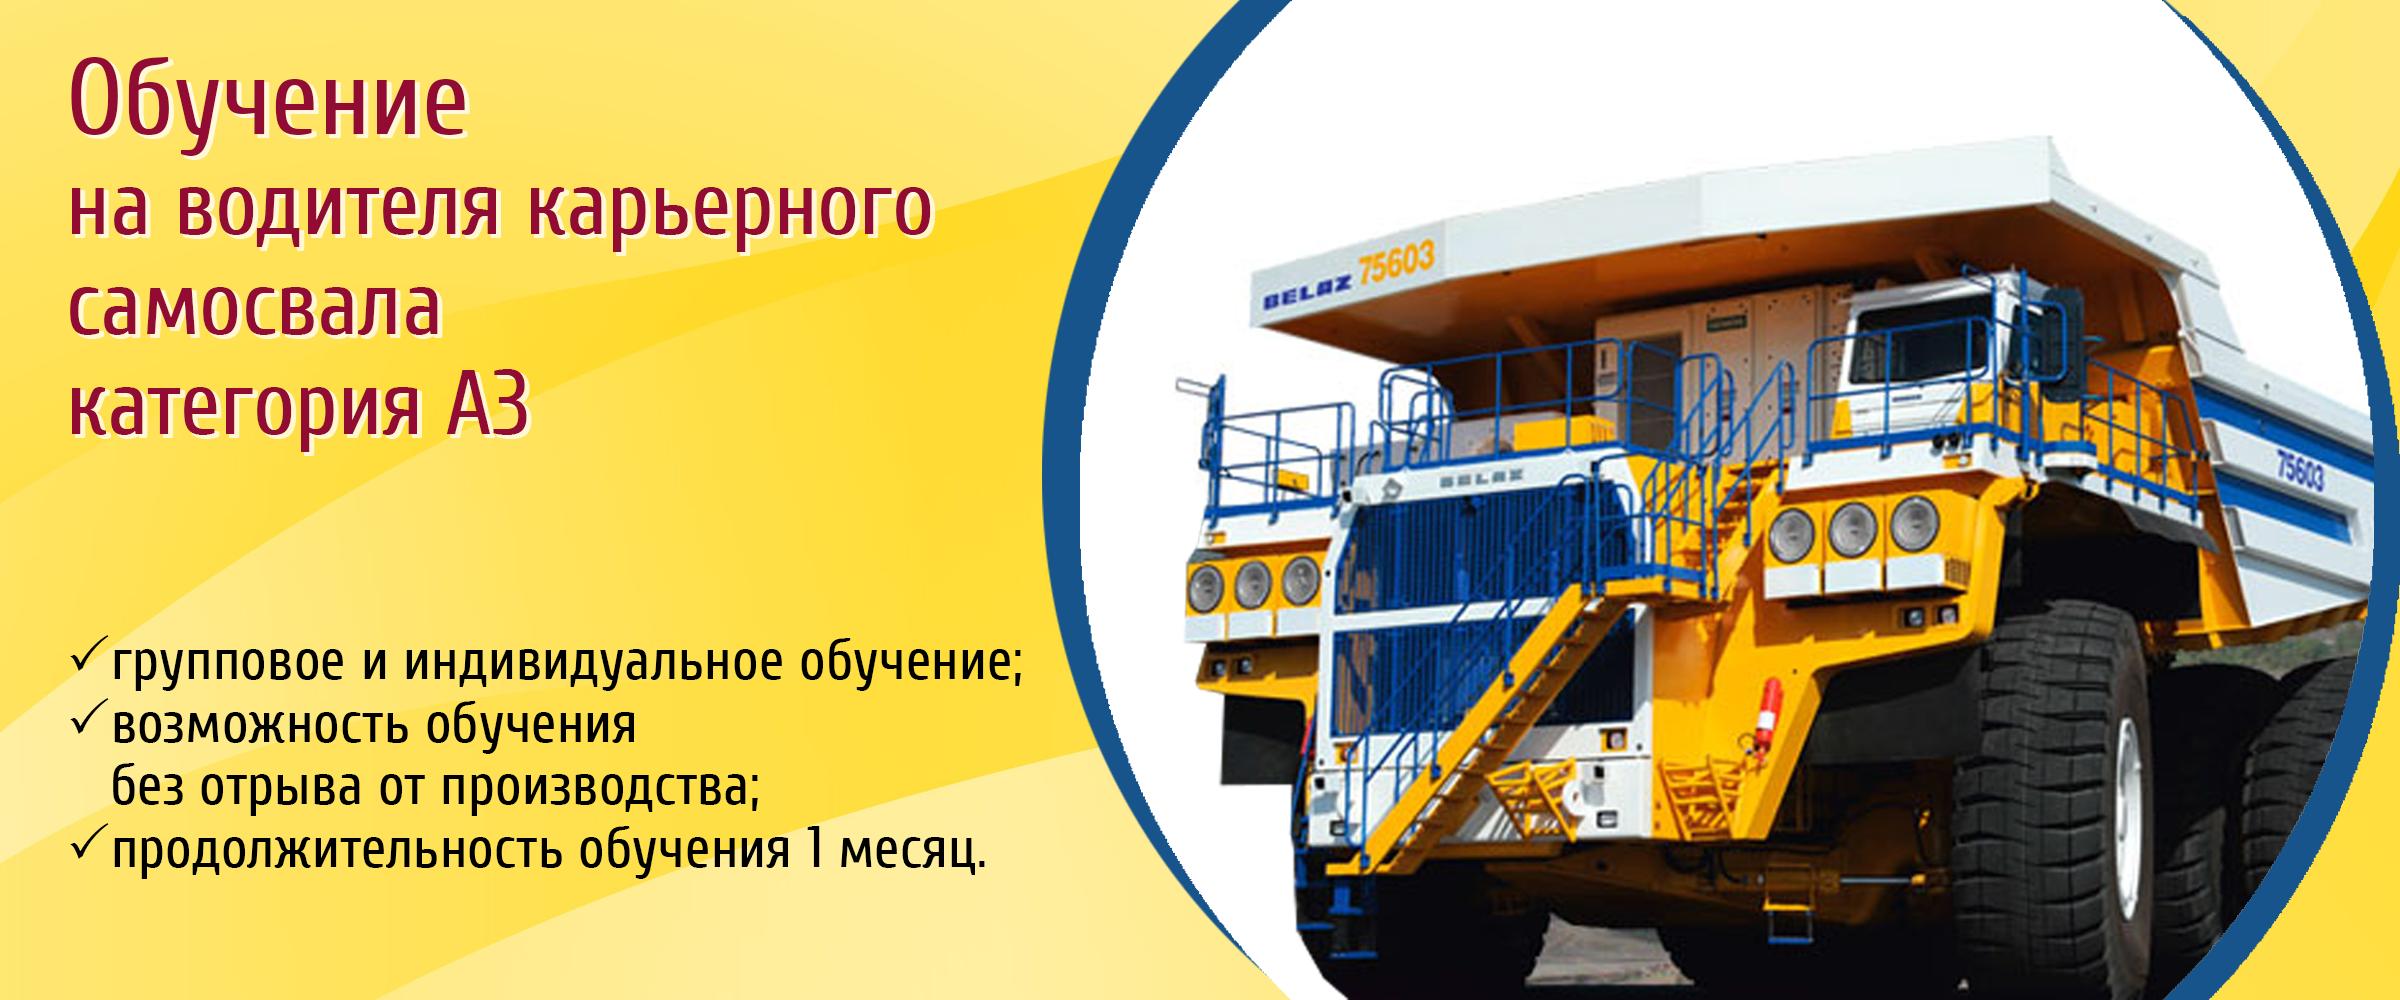 Самосвалы - Учебный центр ООО ПРОГРЕССИВНЫЙ СПЕЦИАЛИСТ